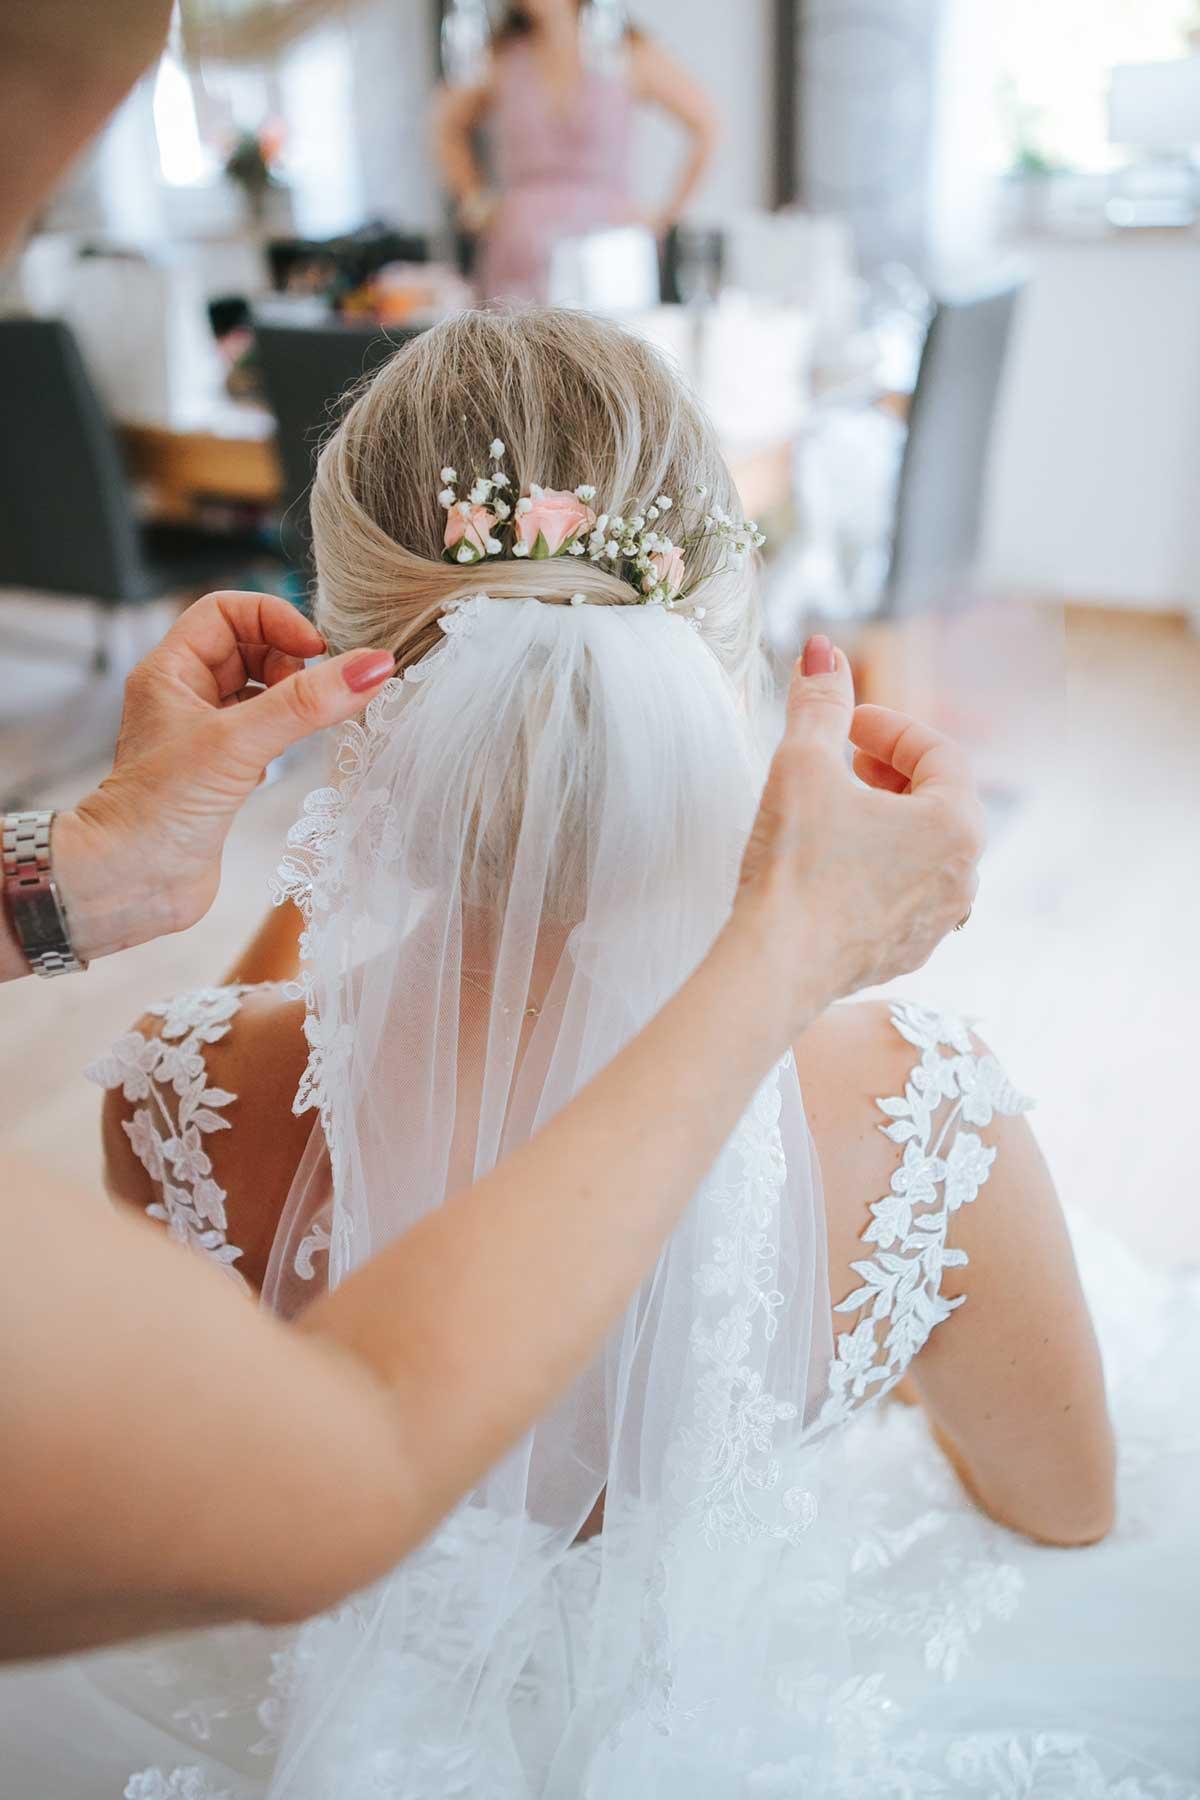 Braut beim Getting Ready mit Schleier und Blumen im Haar